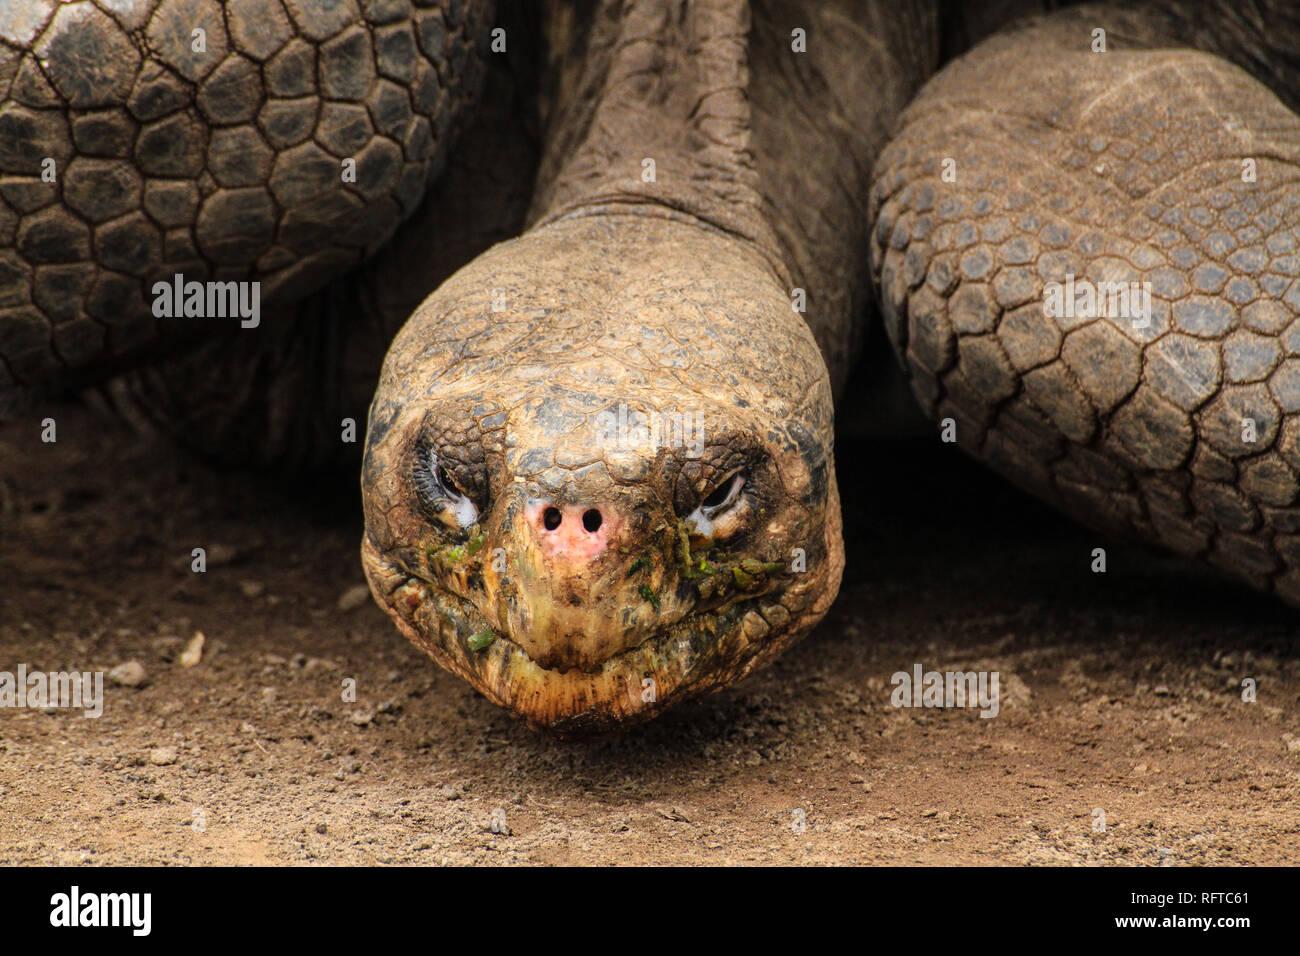 Riesenschildkröte, endemisch auf den zu Ecuador gehörenden Galapagos-Inseln im Pazifik - Stock Image